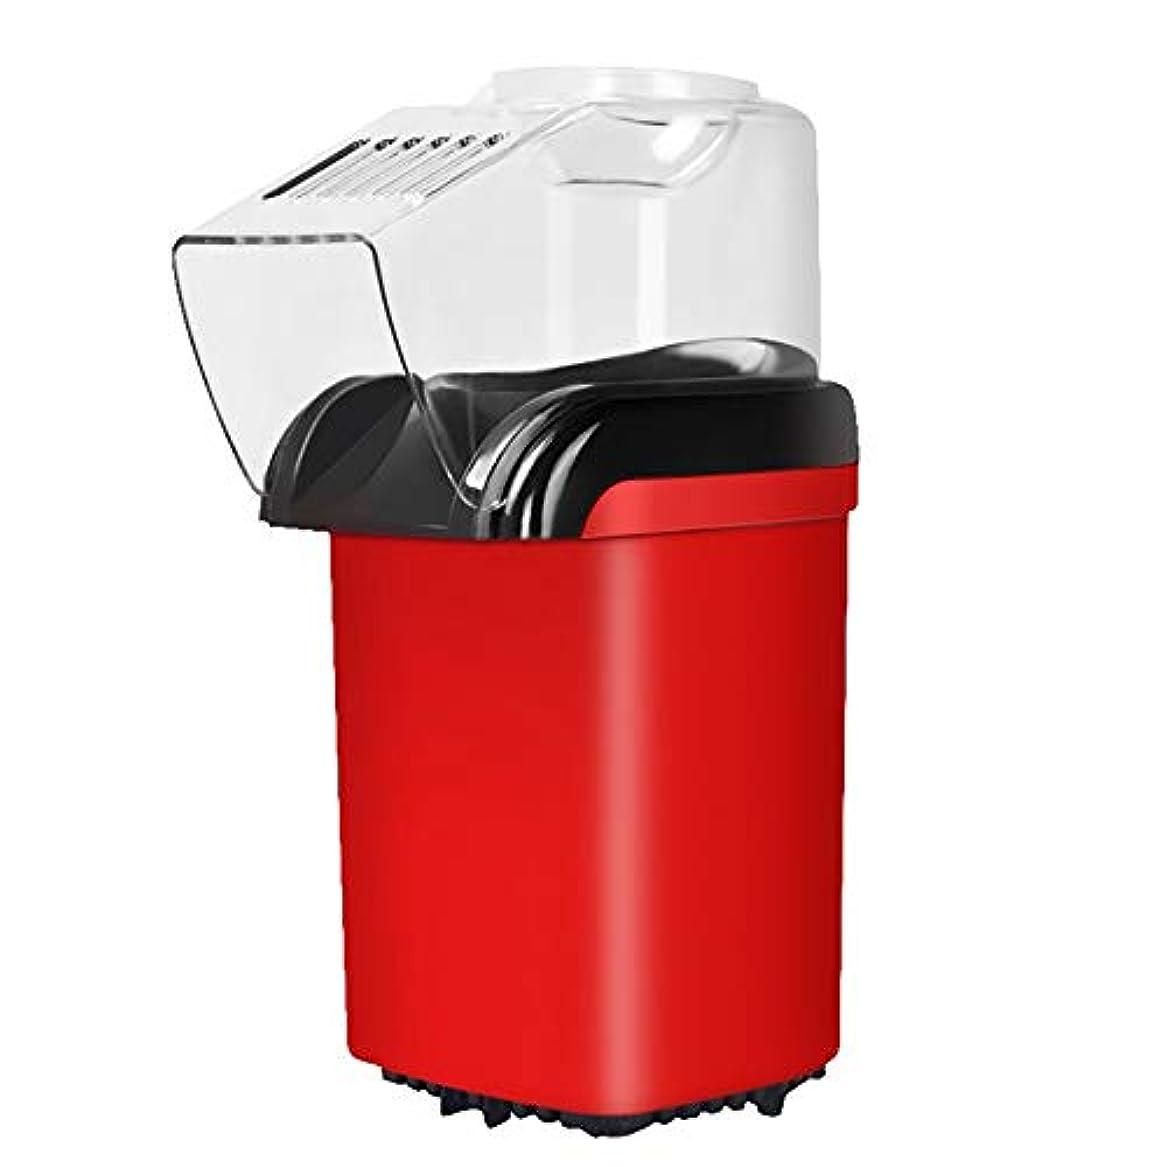 やさしく銀河ダウンタウン家庭用ミニ自動ポップコーンマシン、使いやすい加熱ポップコーンマシンノンスティックパンインナースナックマシン